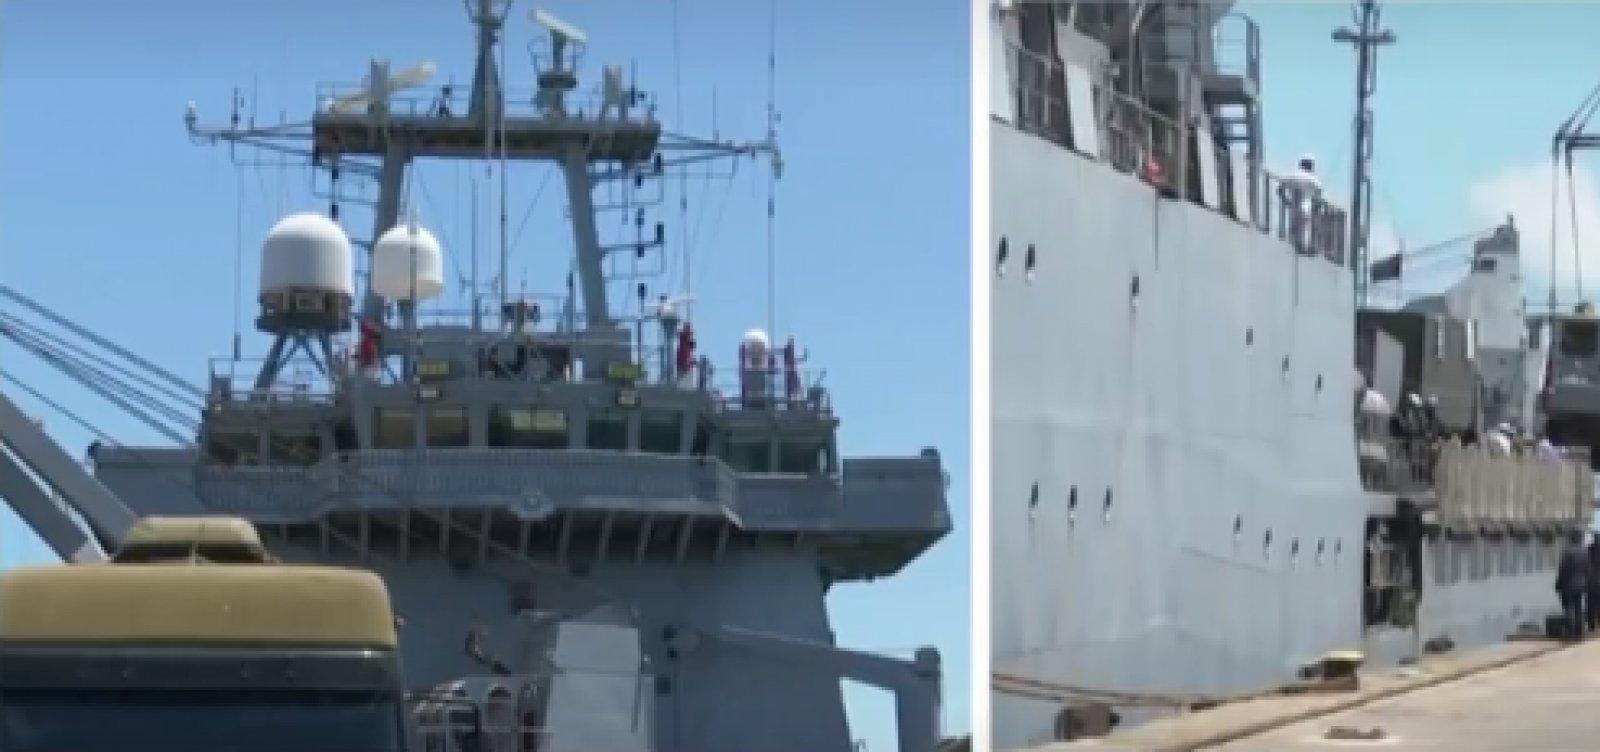 [Embarcação com mais de 240 militares da Marinha chega a Ilhéus para limpeza das manchas de óleo]